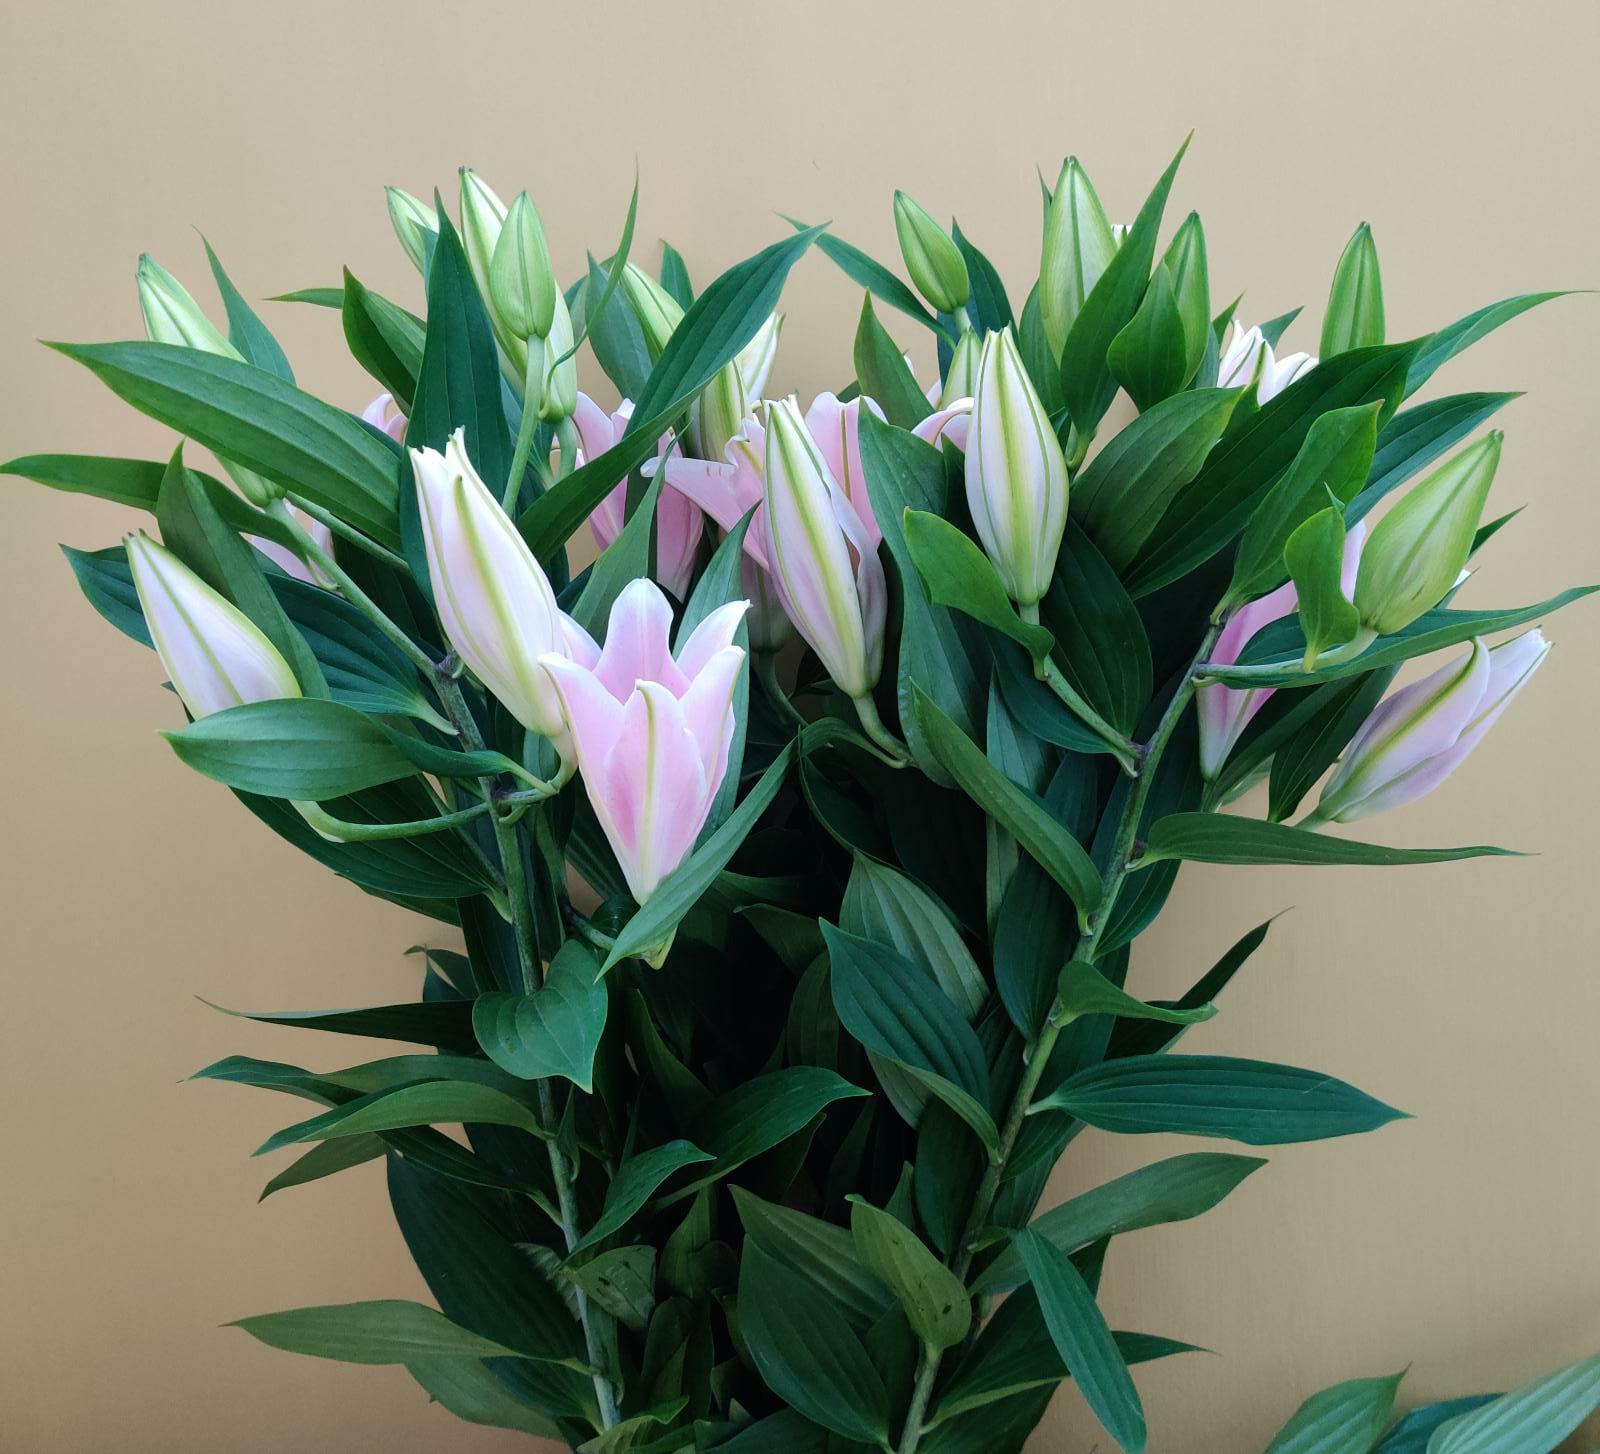 زنبق السلام - وردي ' الزهور بالجملة'